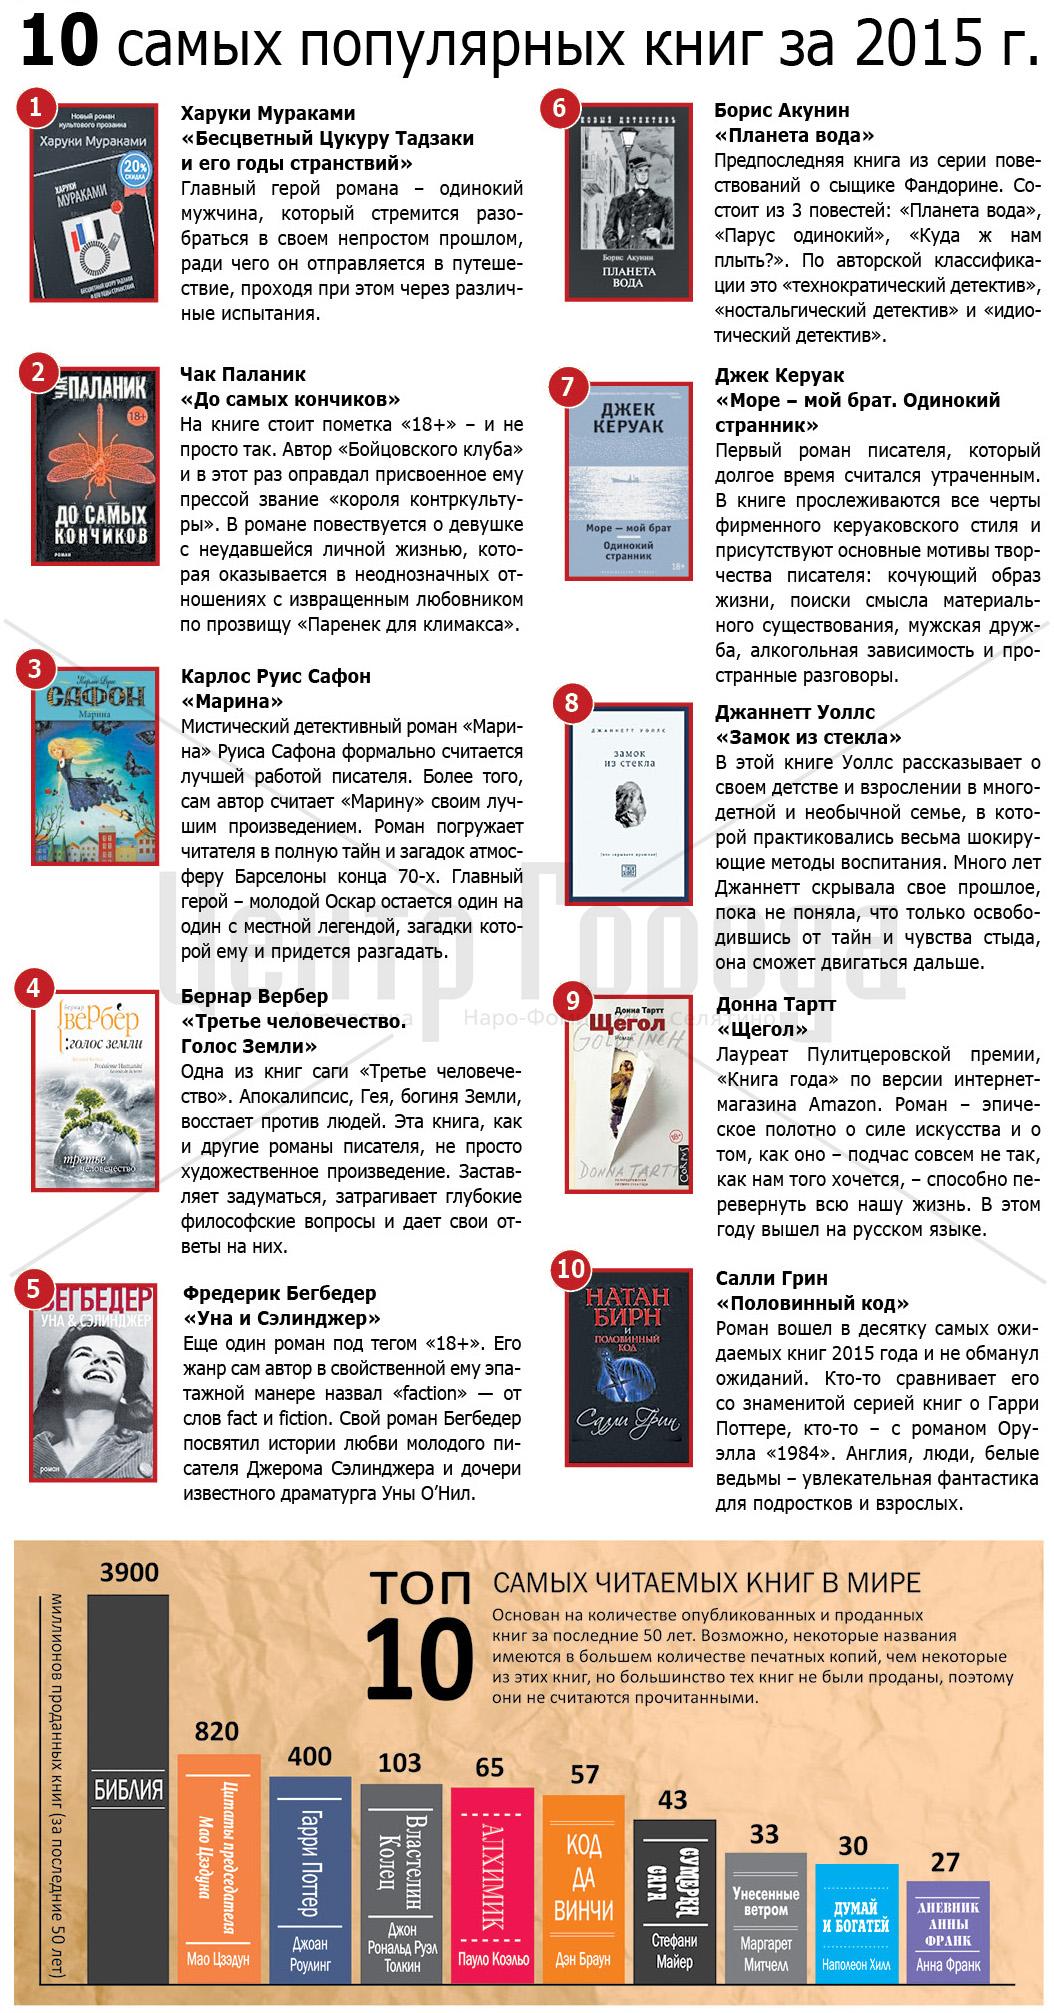 список ссмых популярных книг поселок Успенский Лес